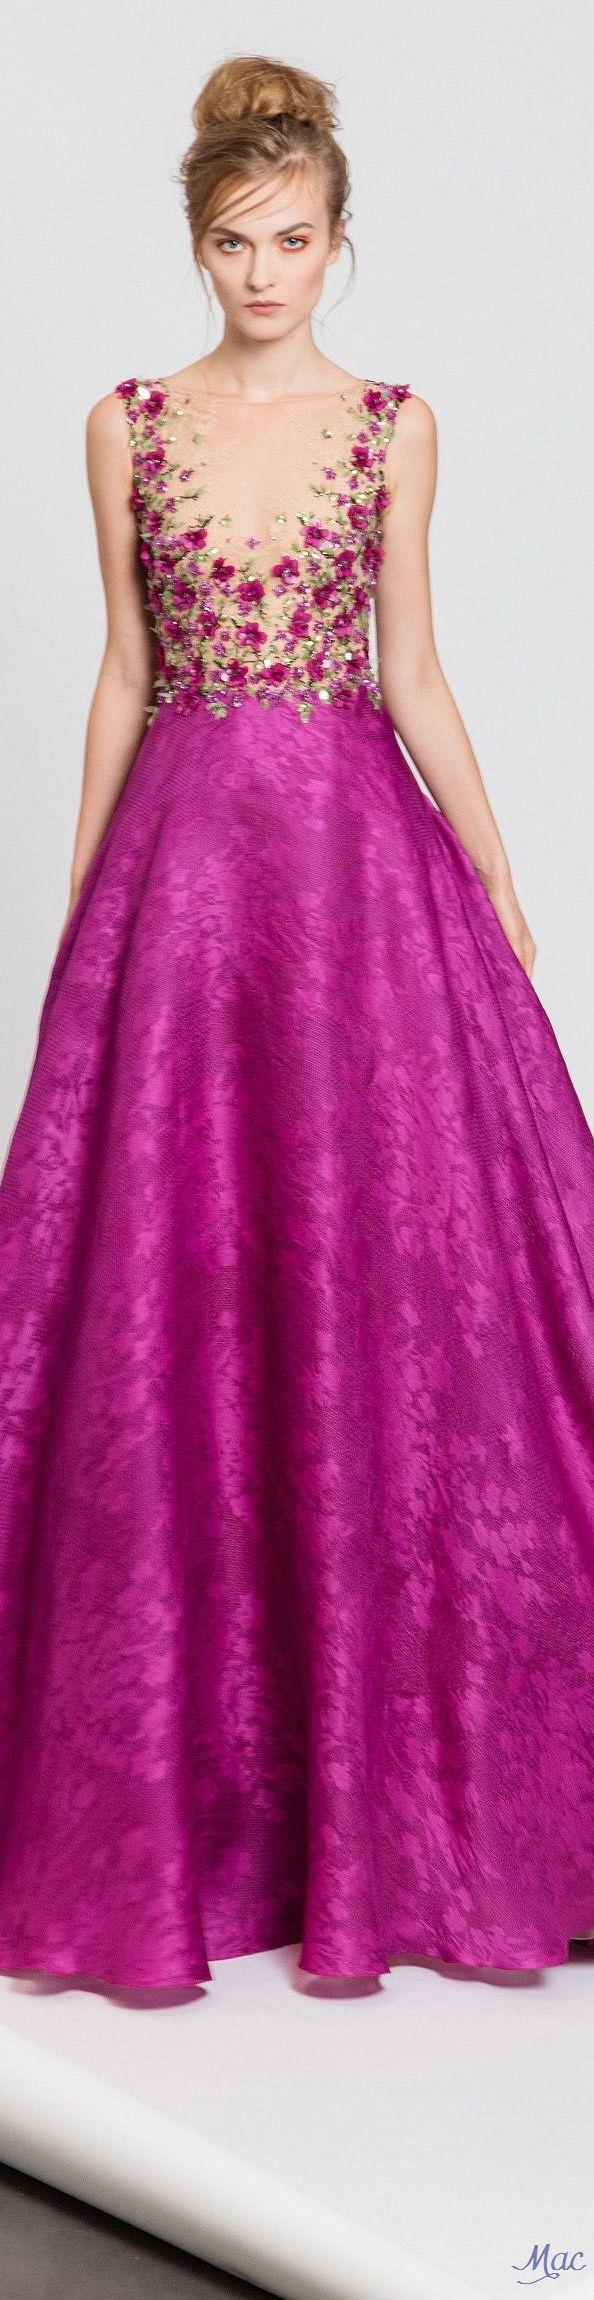 Fantástico Hacer Tus Propios Vestidos De Novia Friso - Vestido de ...